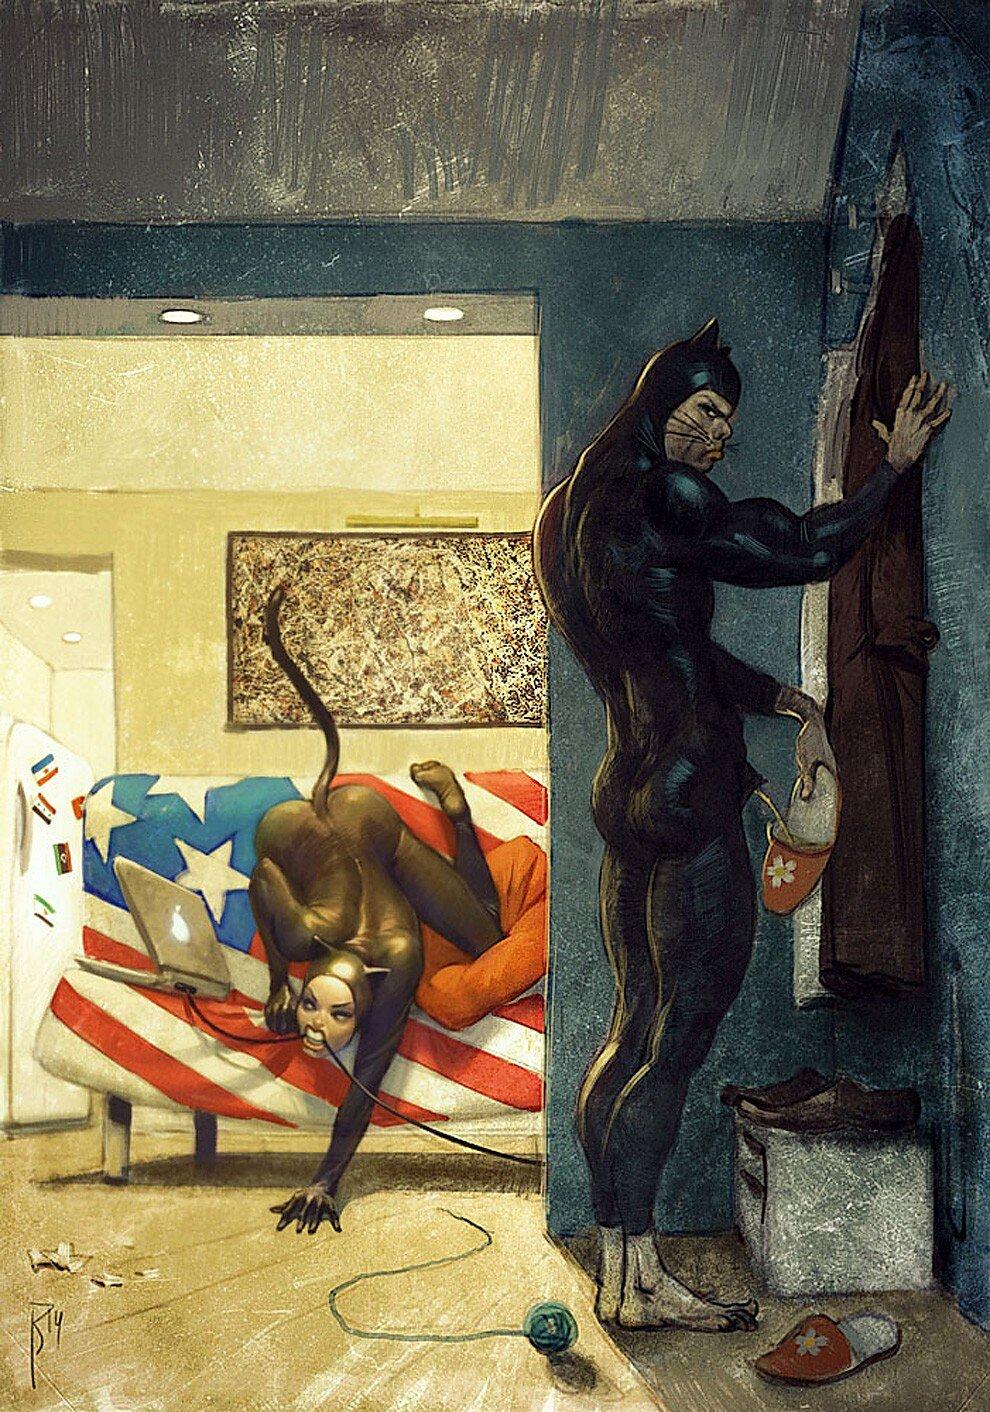 illustrazioni-critica-sociale-messaggi-sessuali-waldemar-von-kazak-07